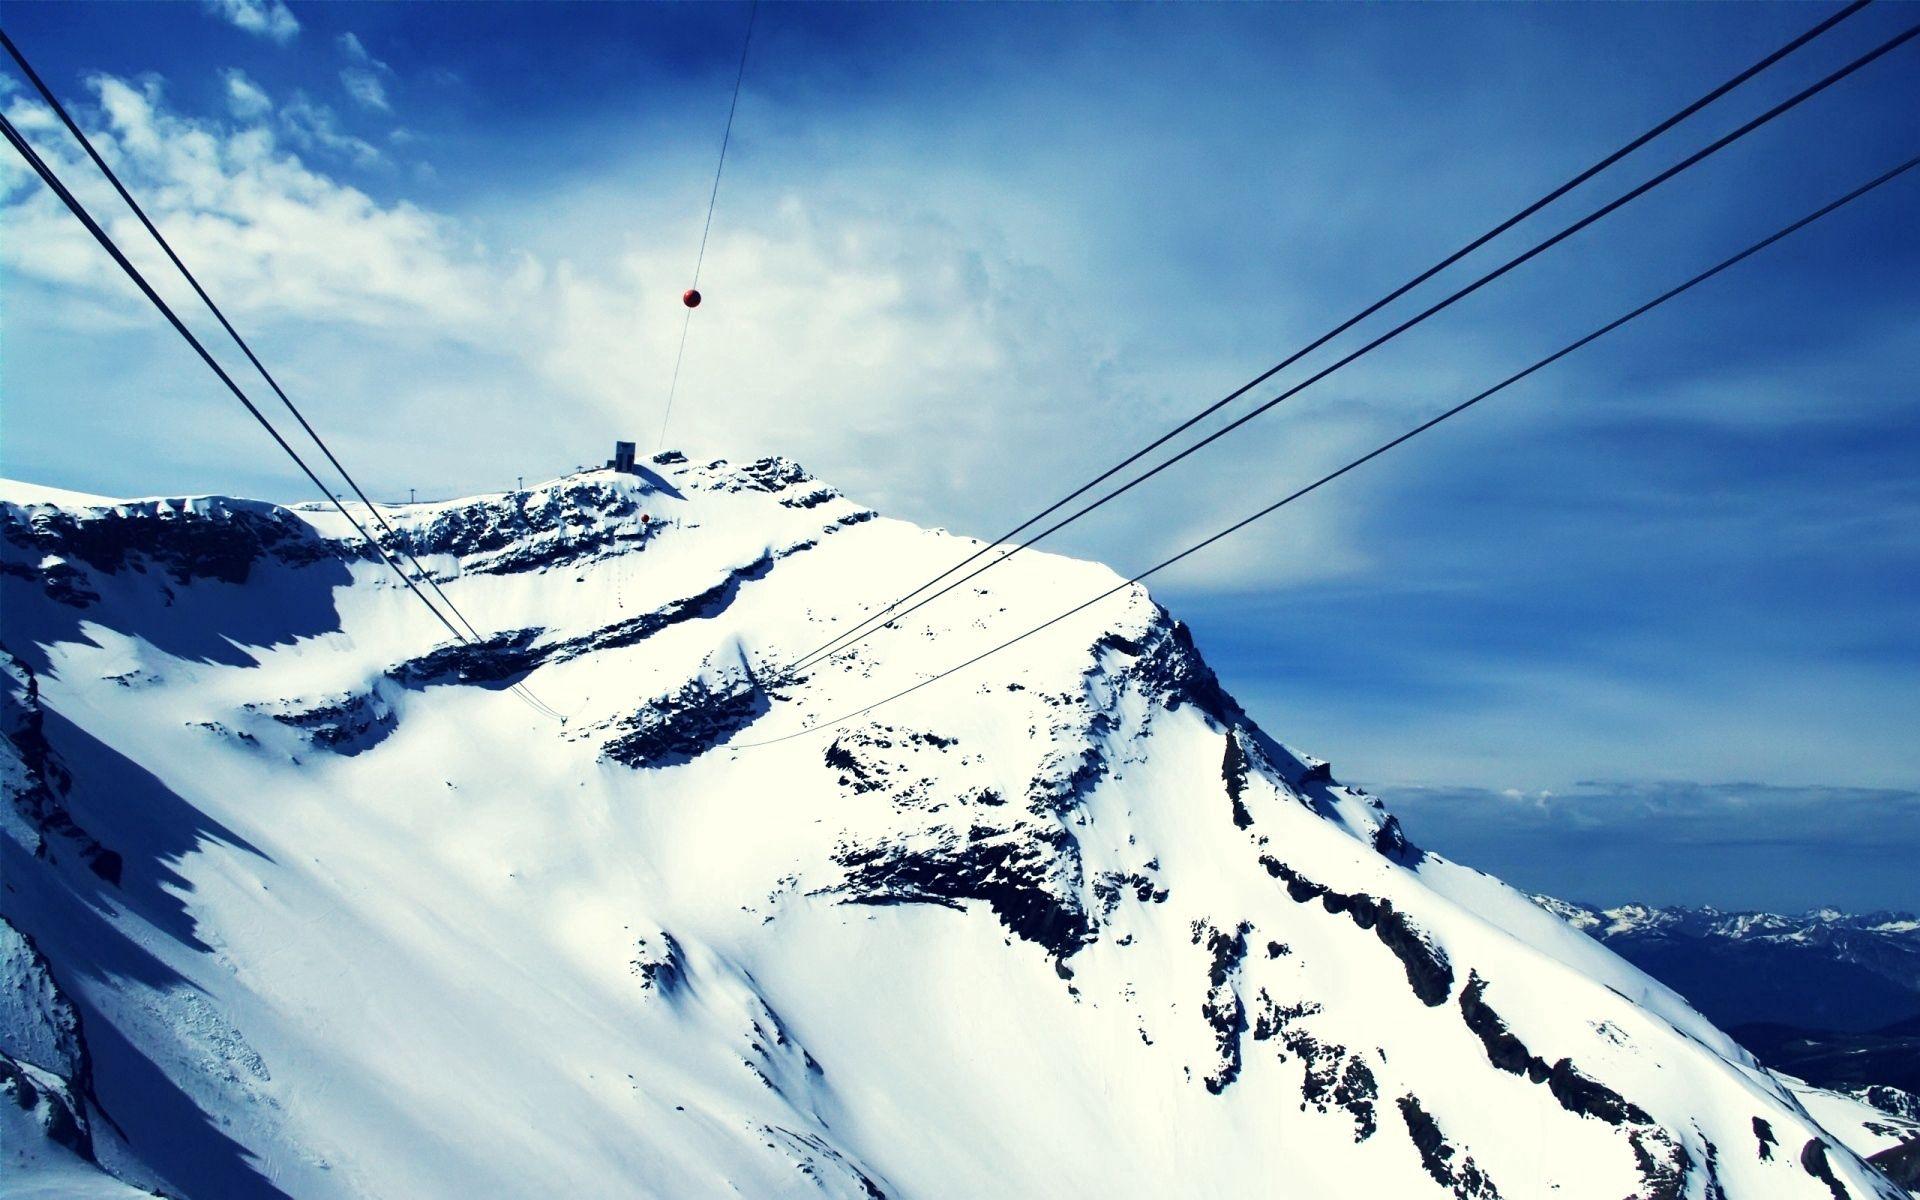 150490 Hintergrundbild herunterladen Natur, Schnee, Berg, Scheitel, Nach Oben, Kabel, Aufzug, Lift, Drahtseile - Bildschirmschoner und Bilder kostenlos